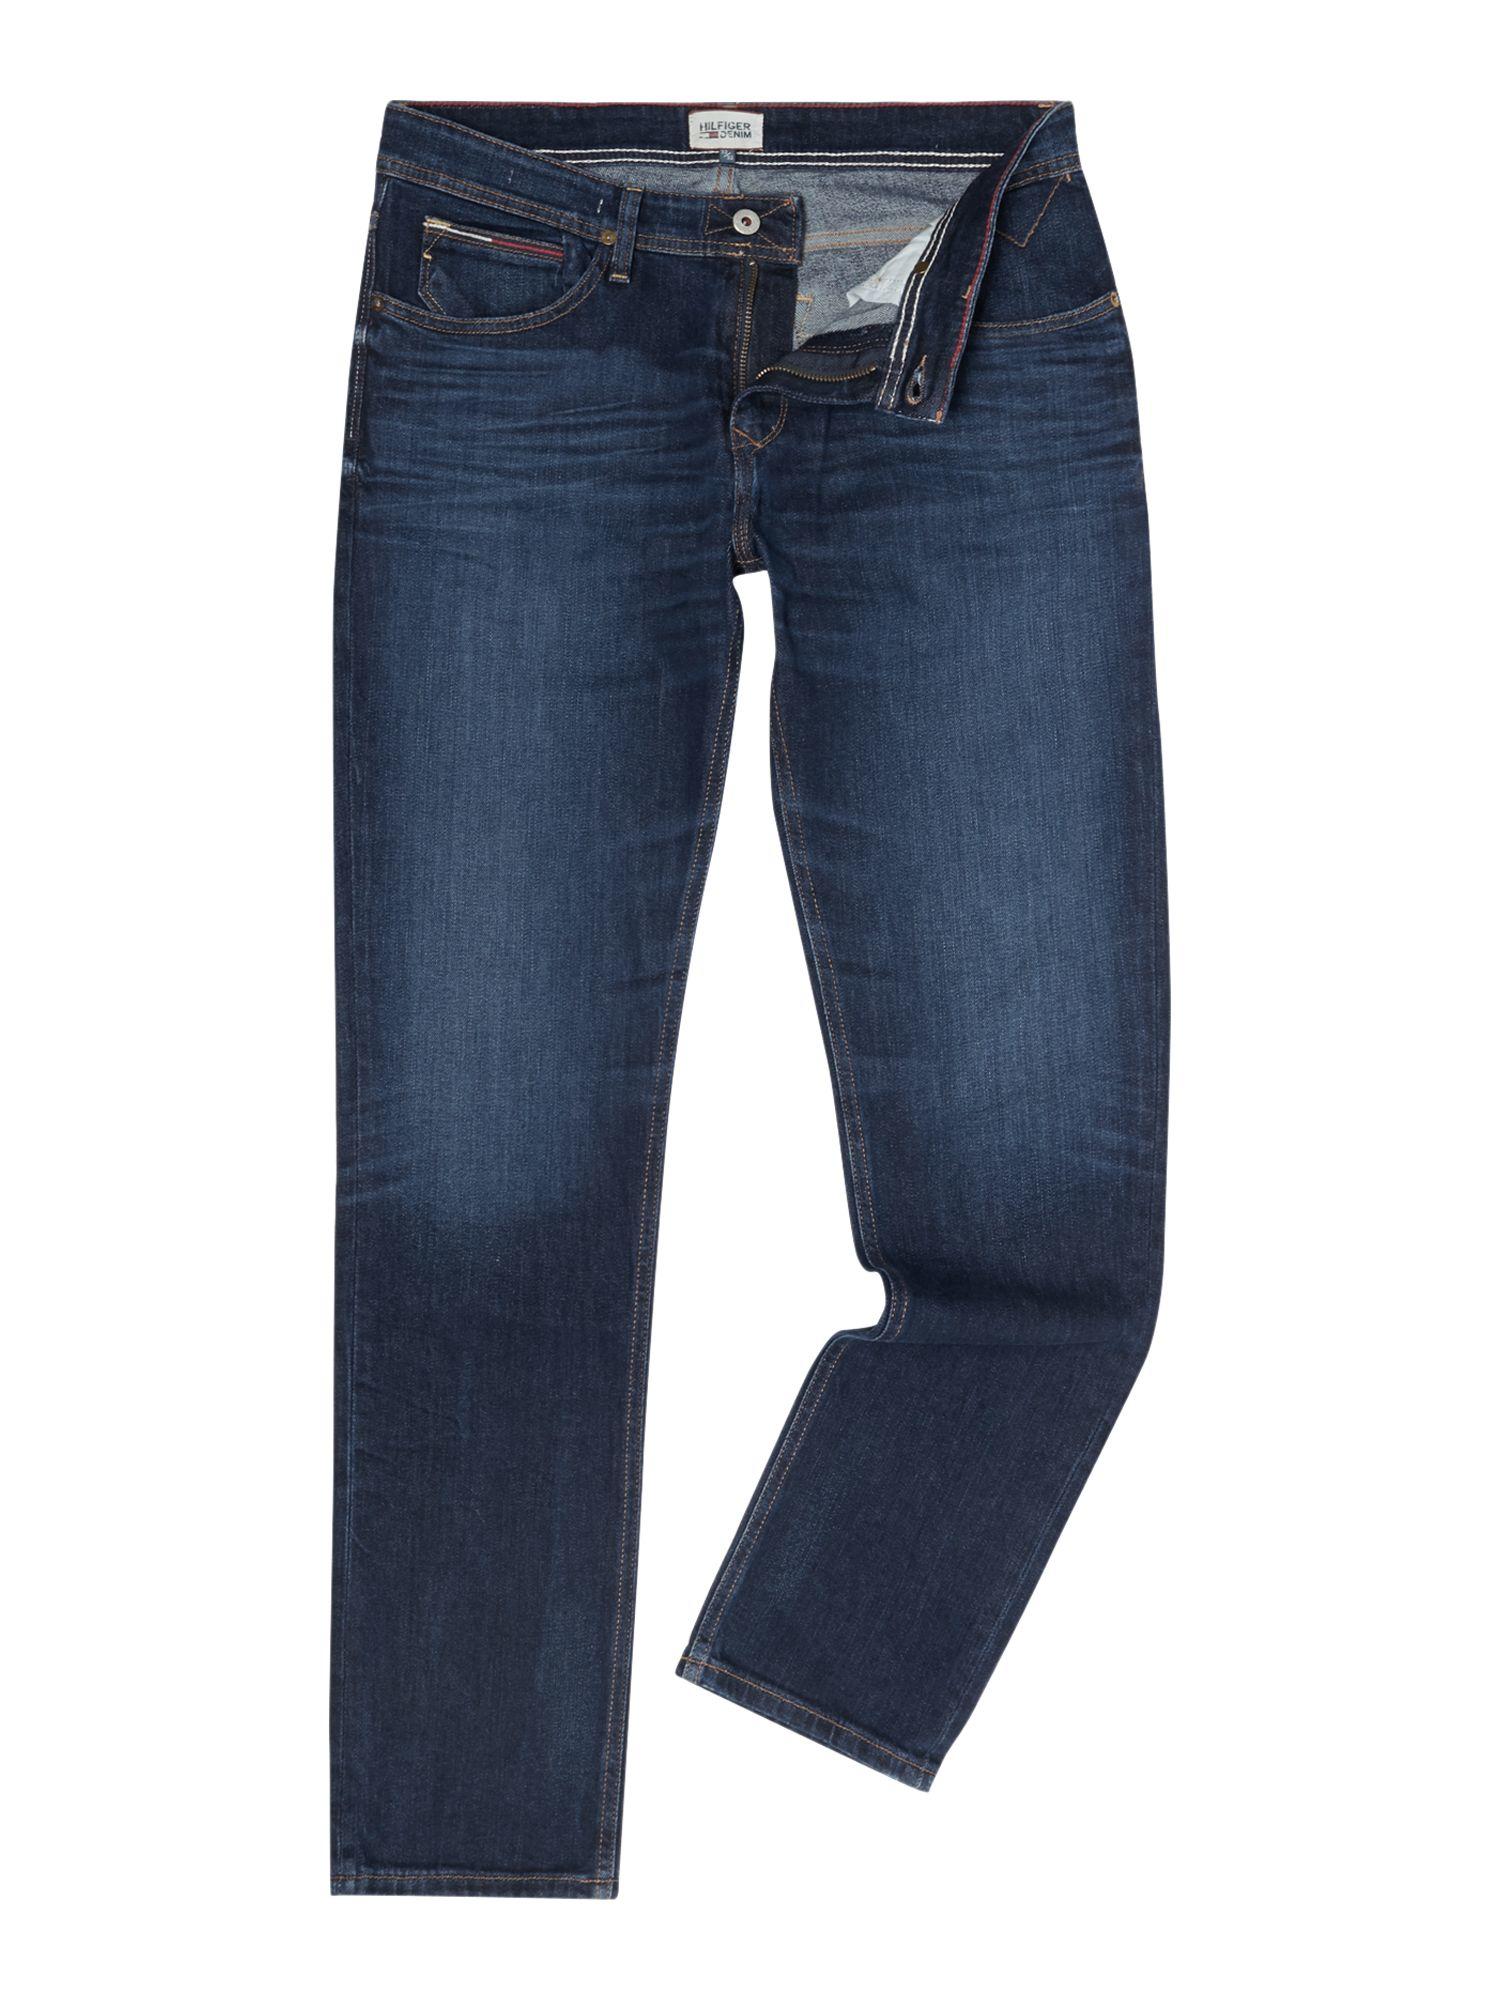 tommy hilfiger scanton jeans in blue for men lyst. Black Bedroom Furniture Sets. Home Design Ideas